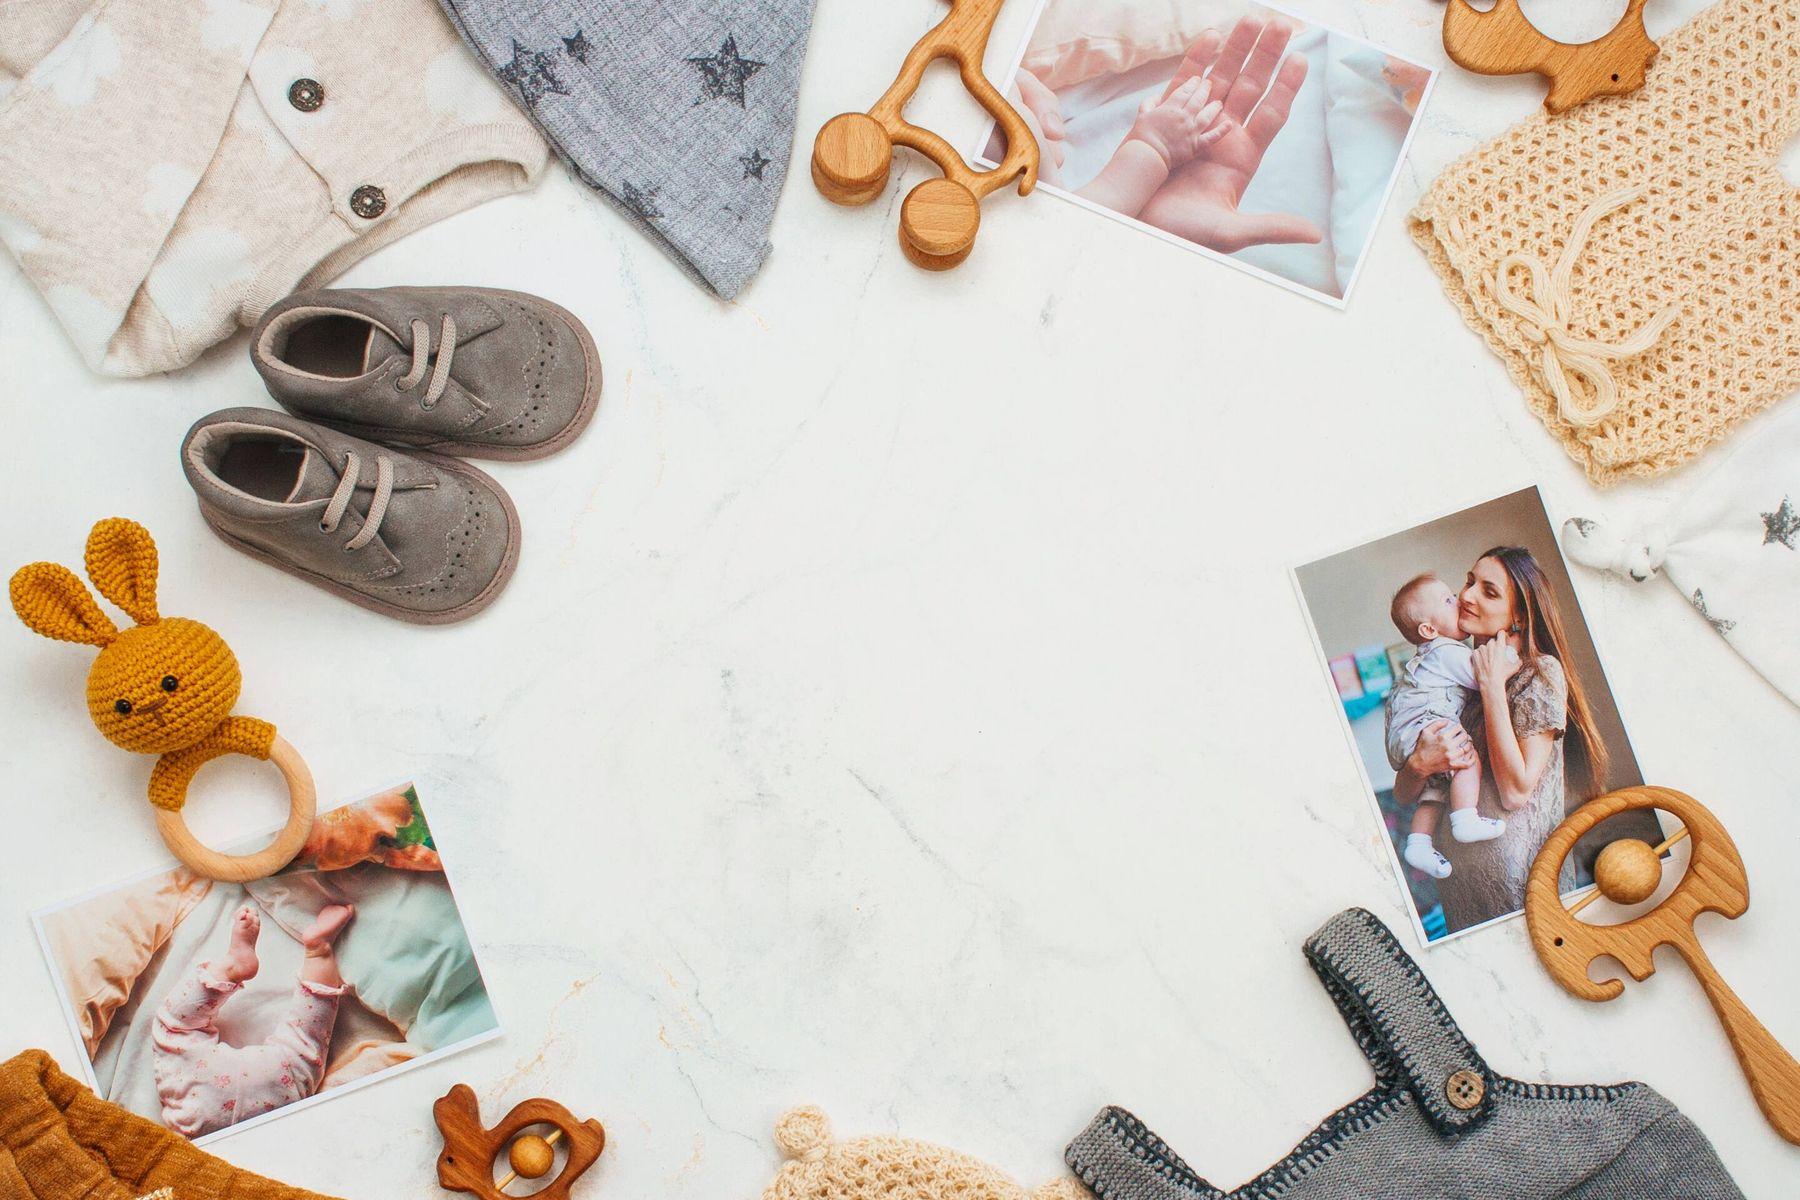 अपने बच्चों के कपड़े पर लगे दाग़ कैसे साफ़ करें | क्लीएनीपीडिया